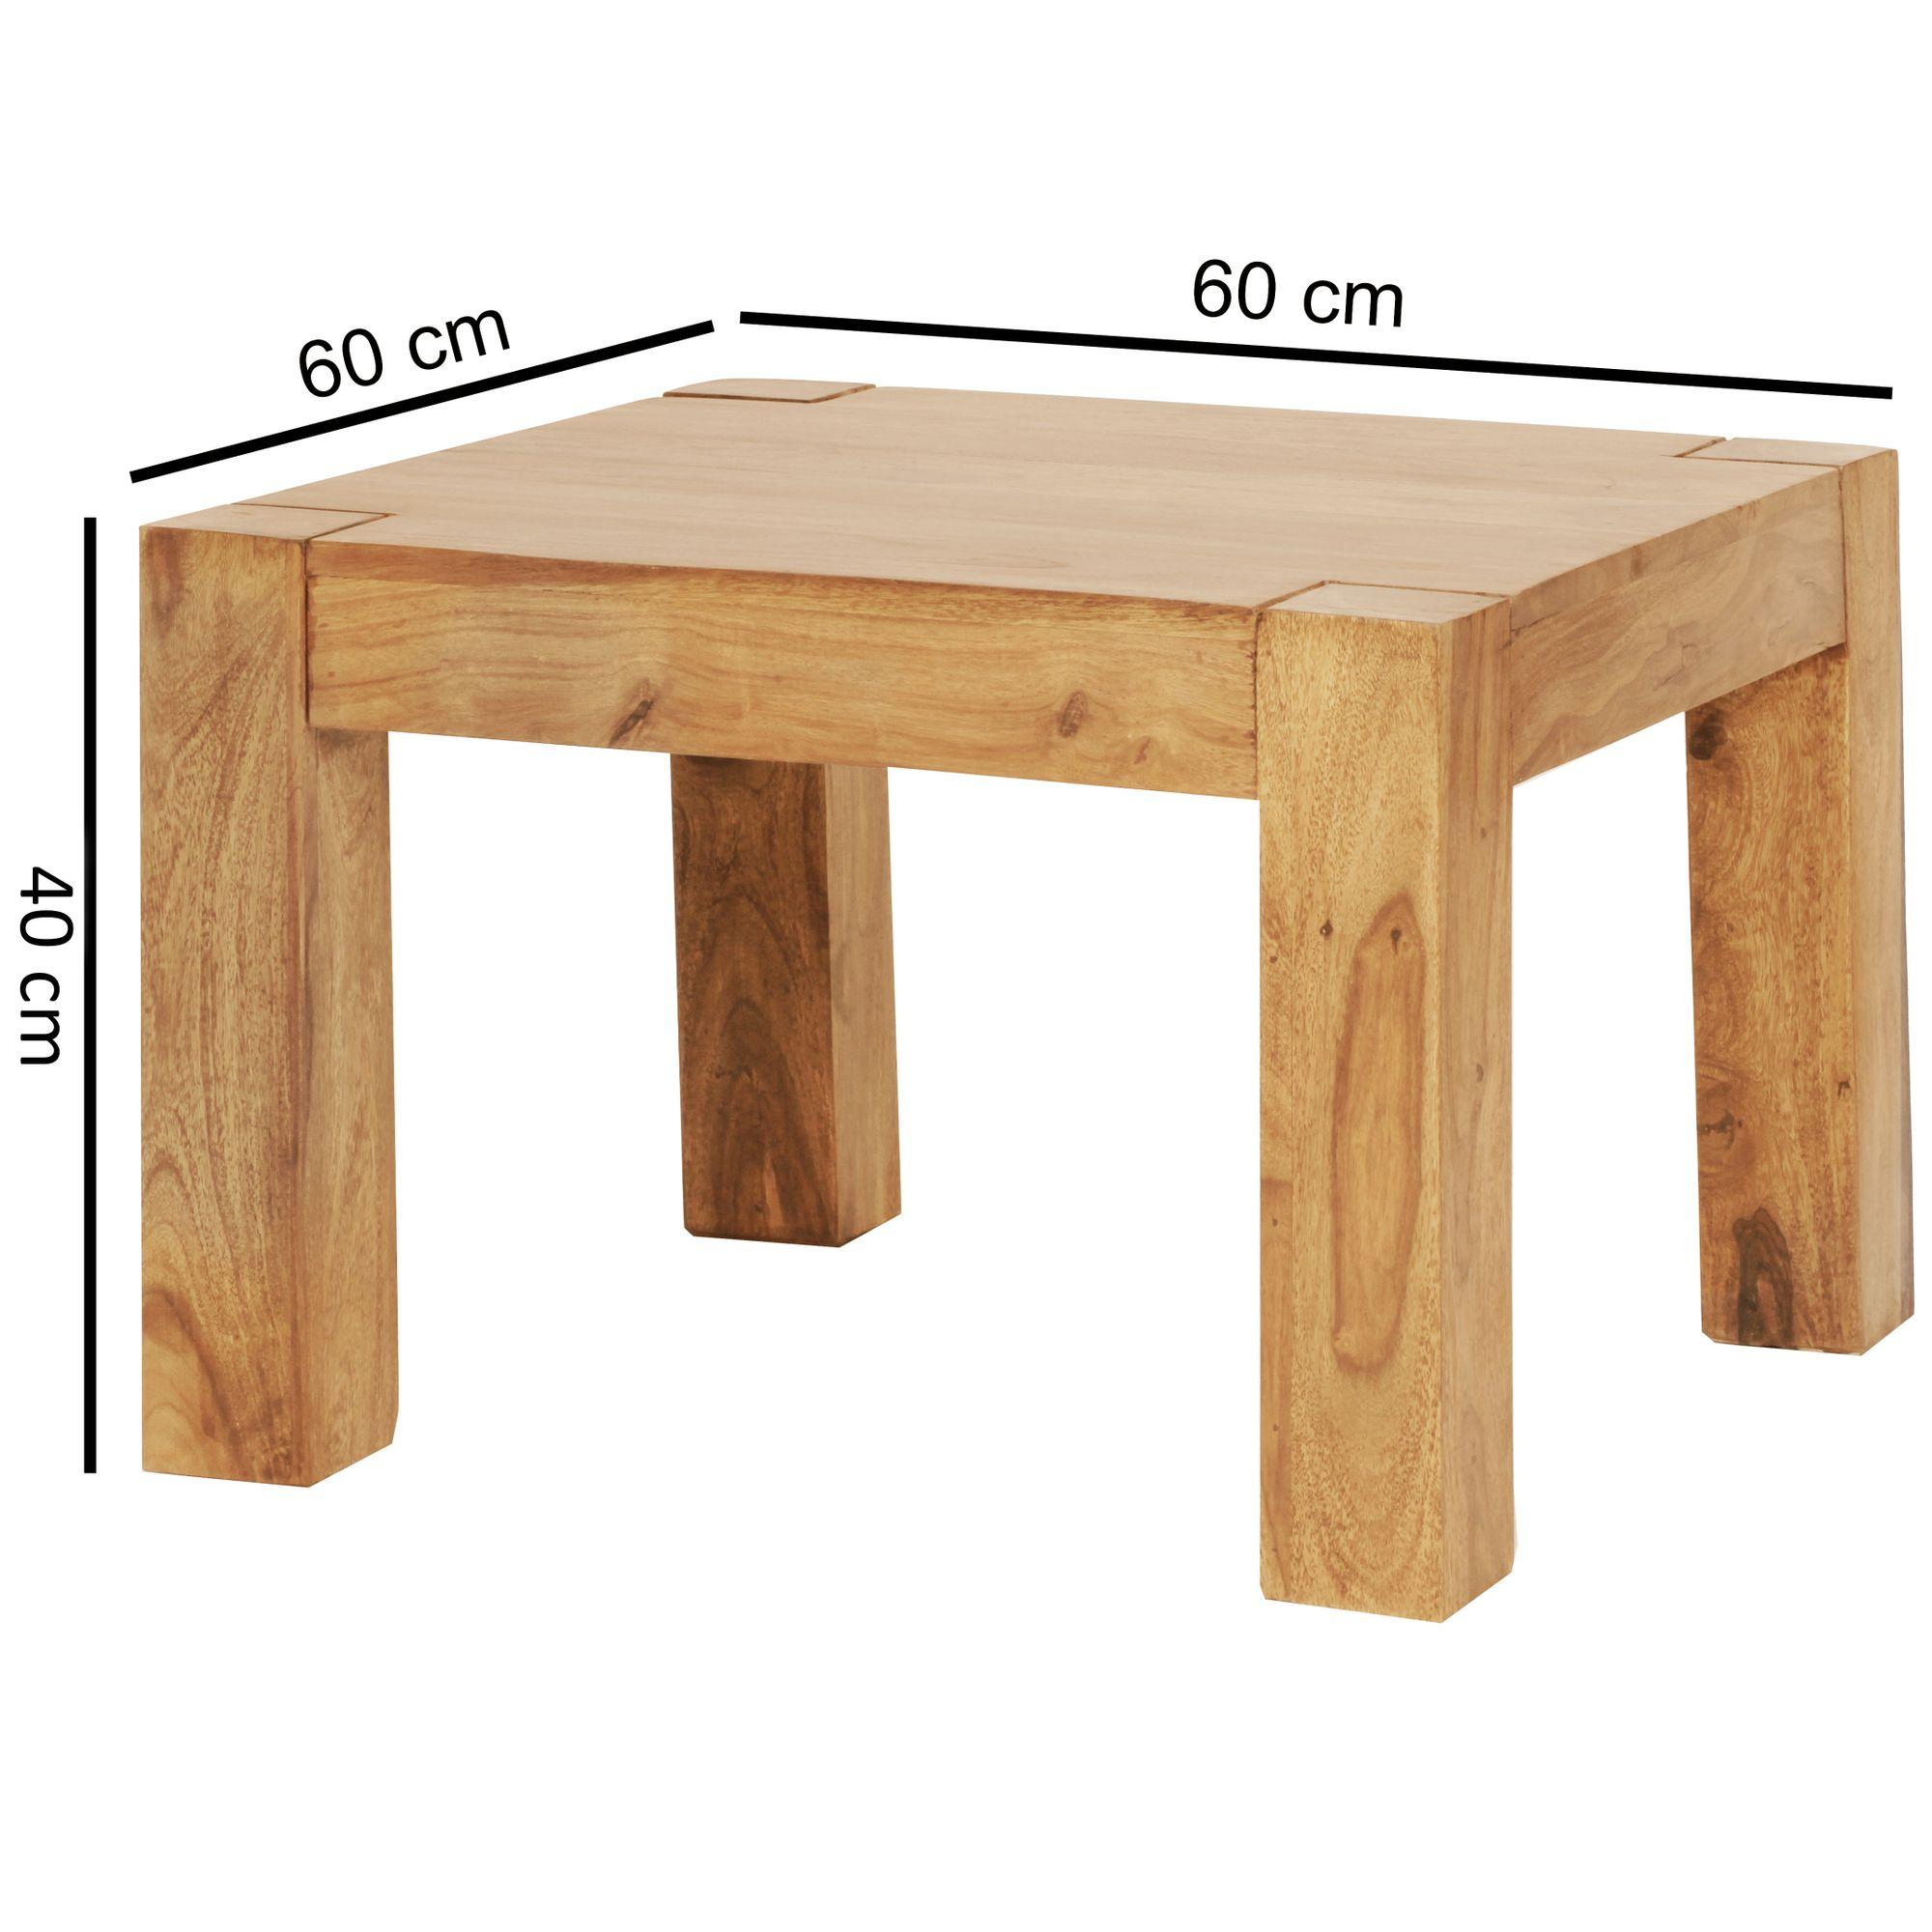 Malerisch Couchtisch Holz Massiv Foto Von Great Massiver Patan X X Cm Quadratisch